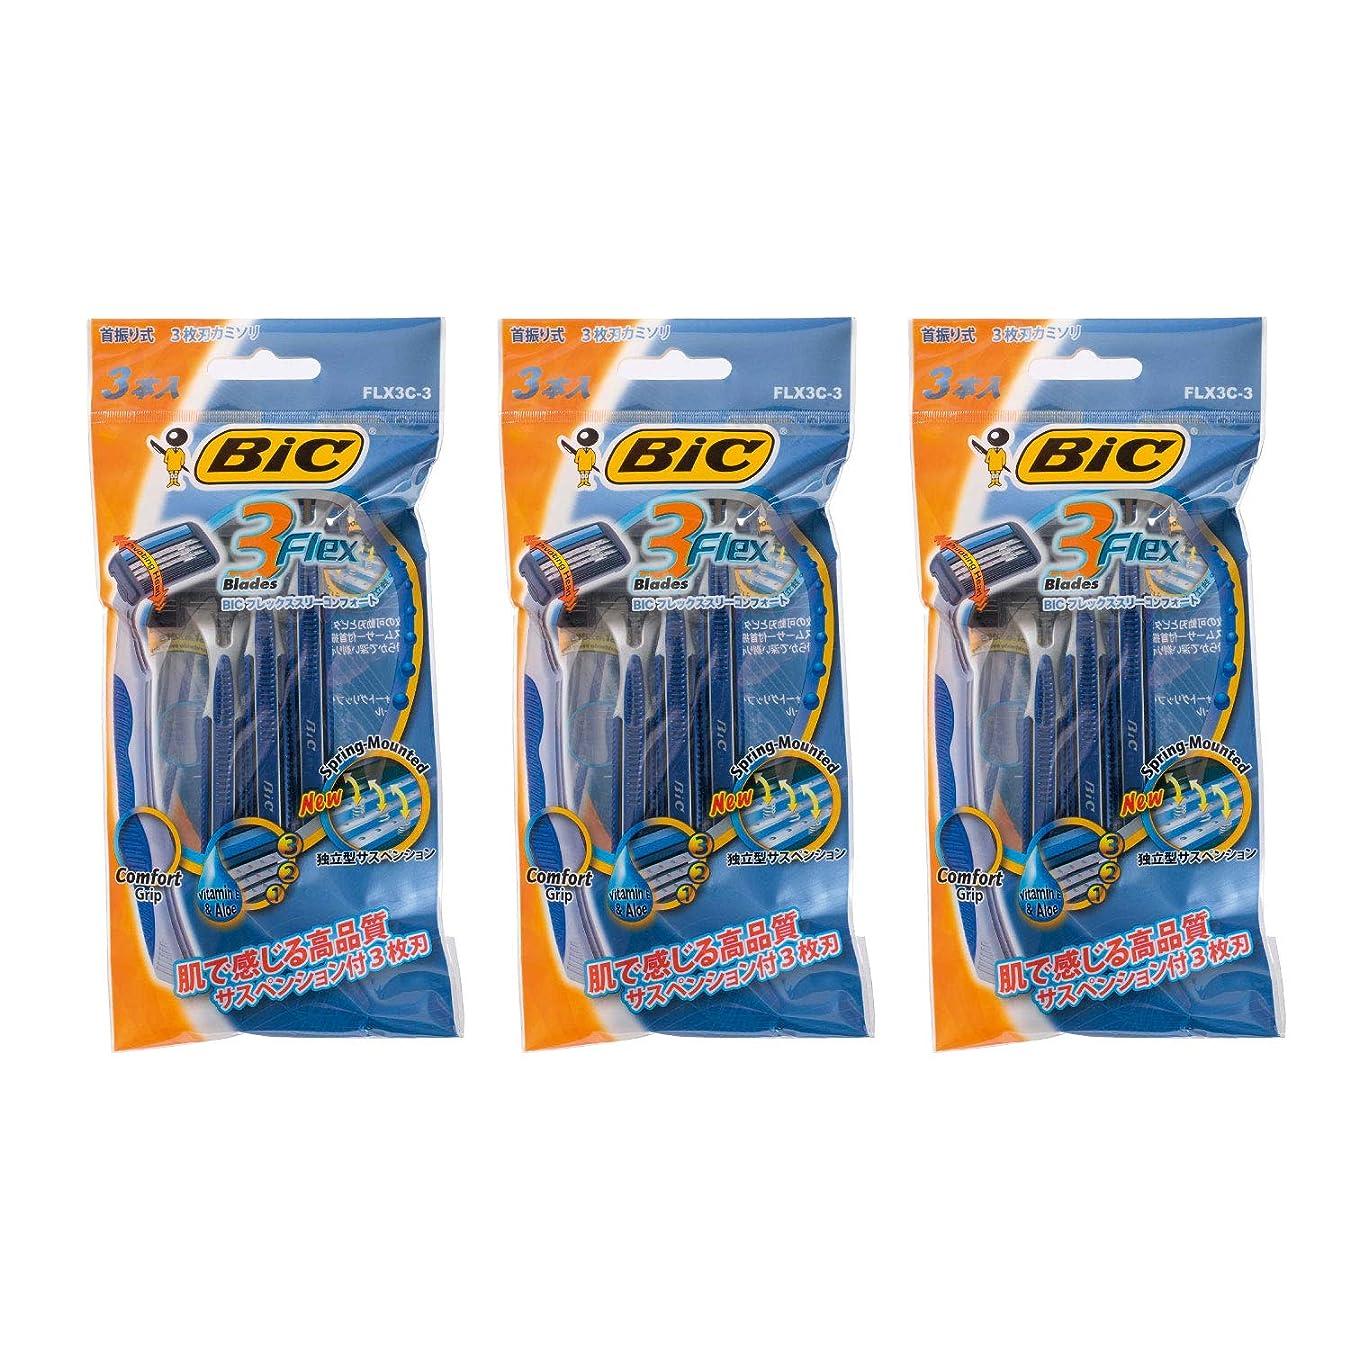 不規則性慰め手がかりビック BIC フレックス3 コンフォート3本入 x 3パック(9本) FLEX3 3枚刃 使い捨てカミソリ 首振り サスペンション ディスポ